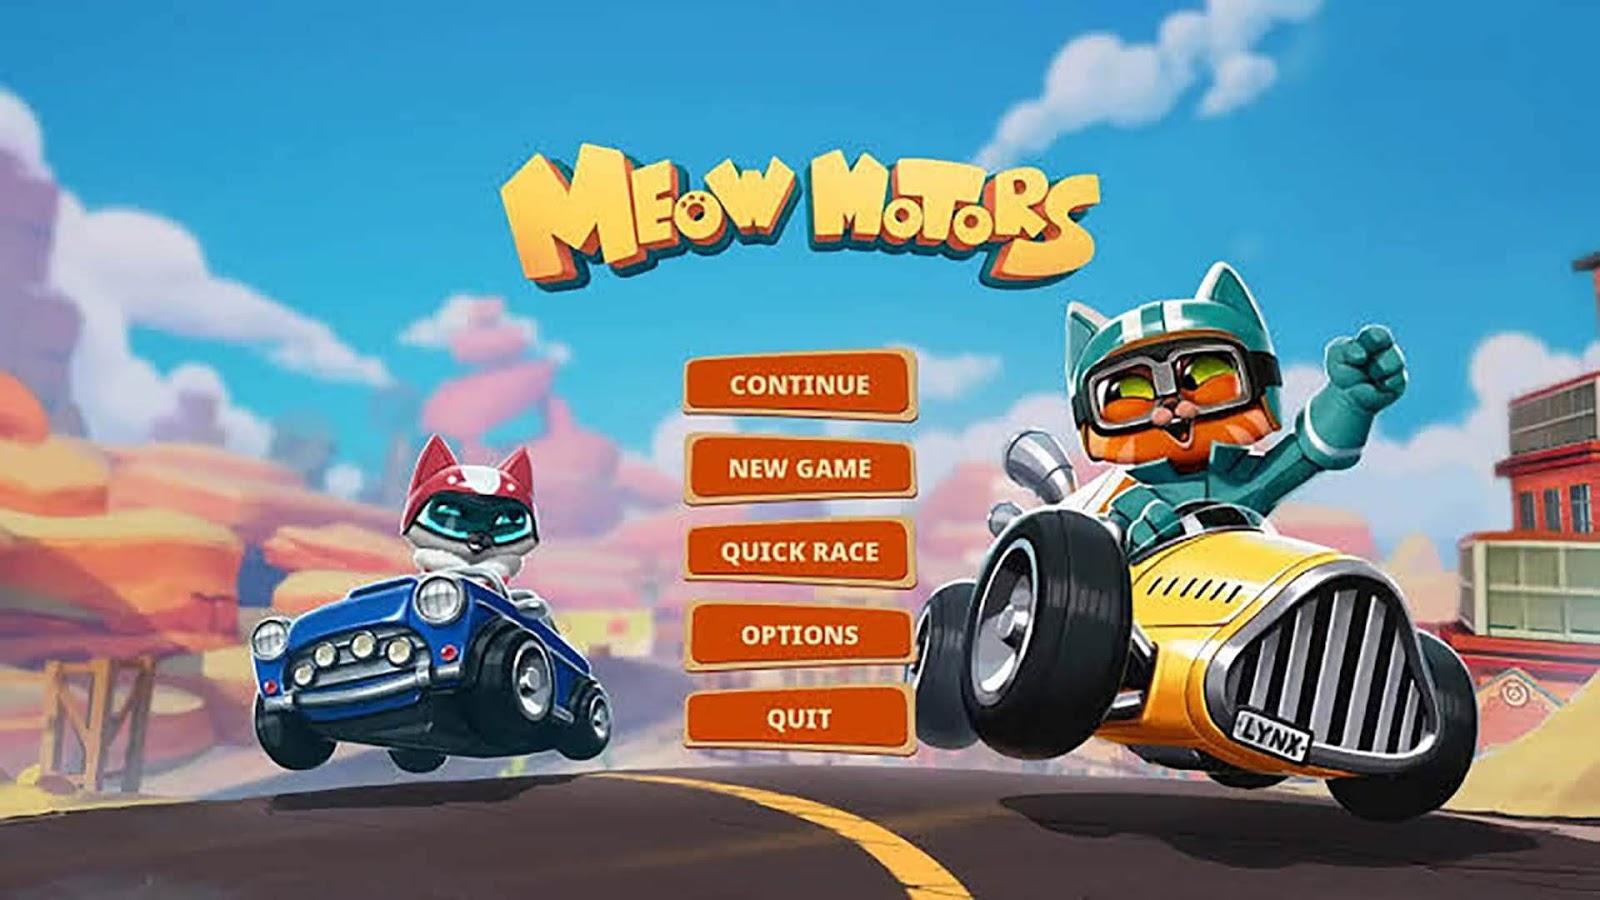 مراجعة أحدث ألعاب الـ Kart Racing حتى الآن لعبة  Meow Motors